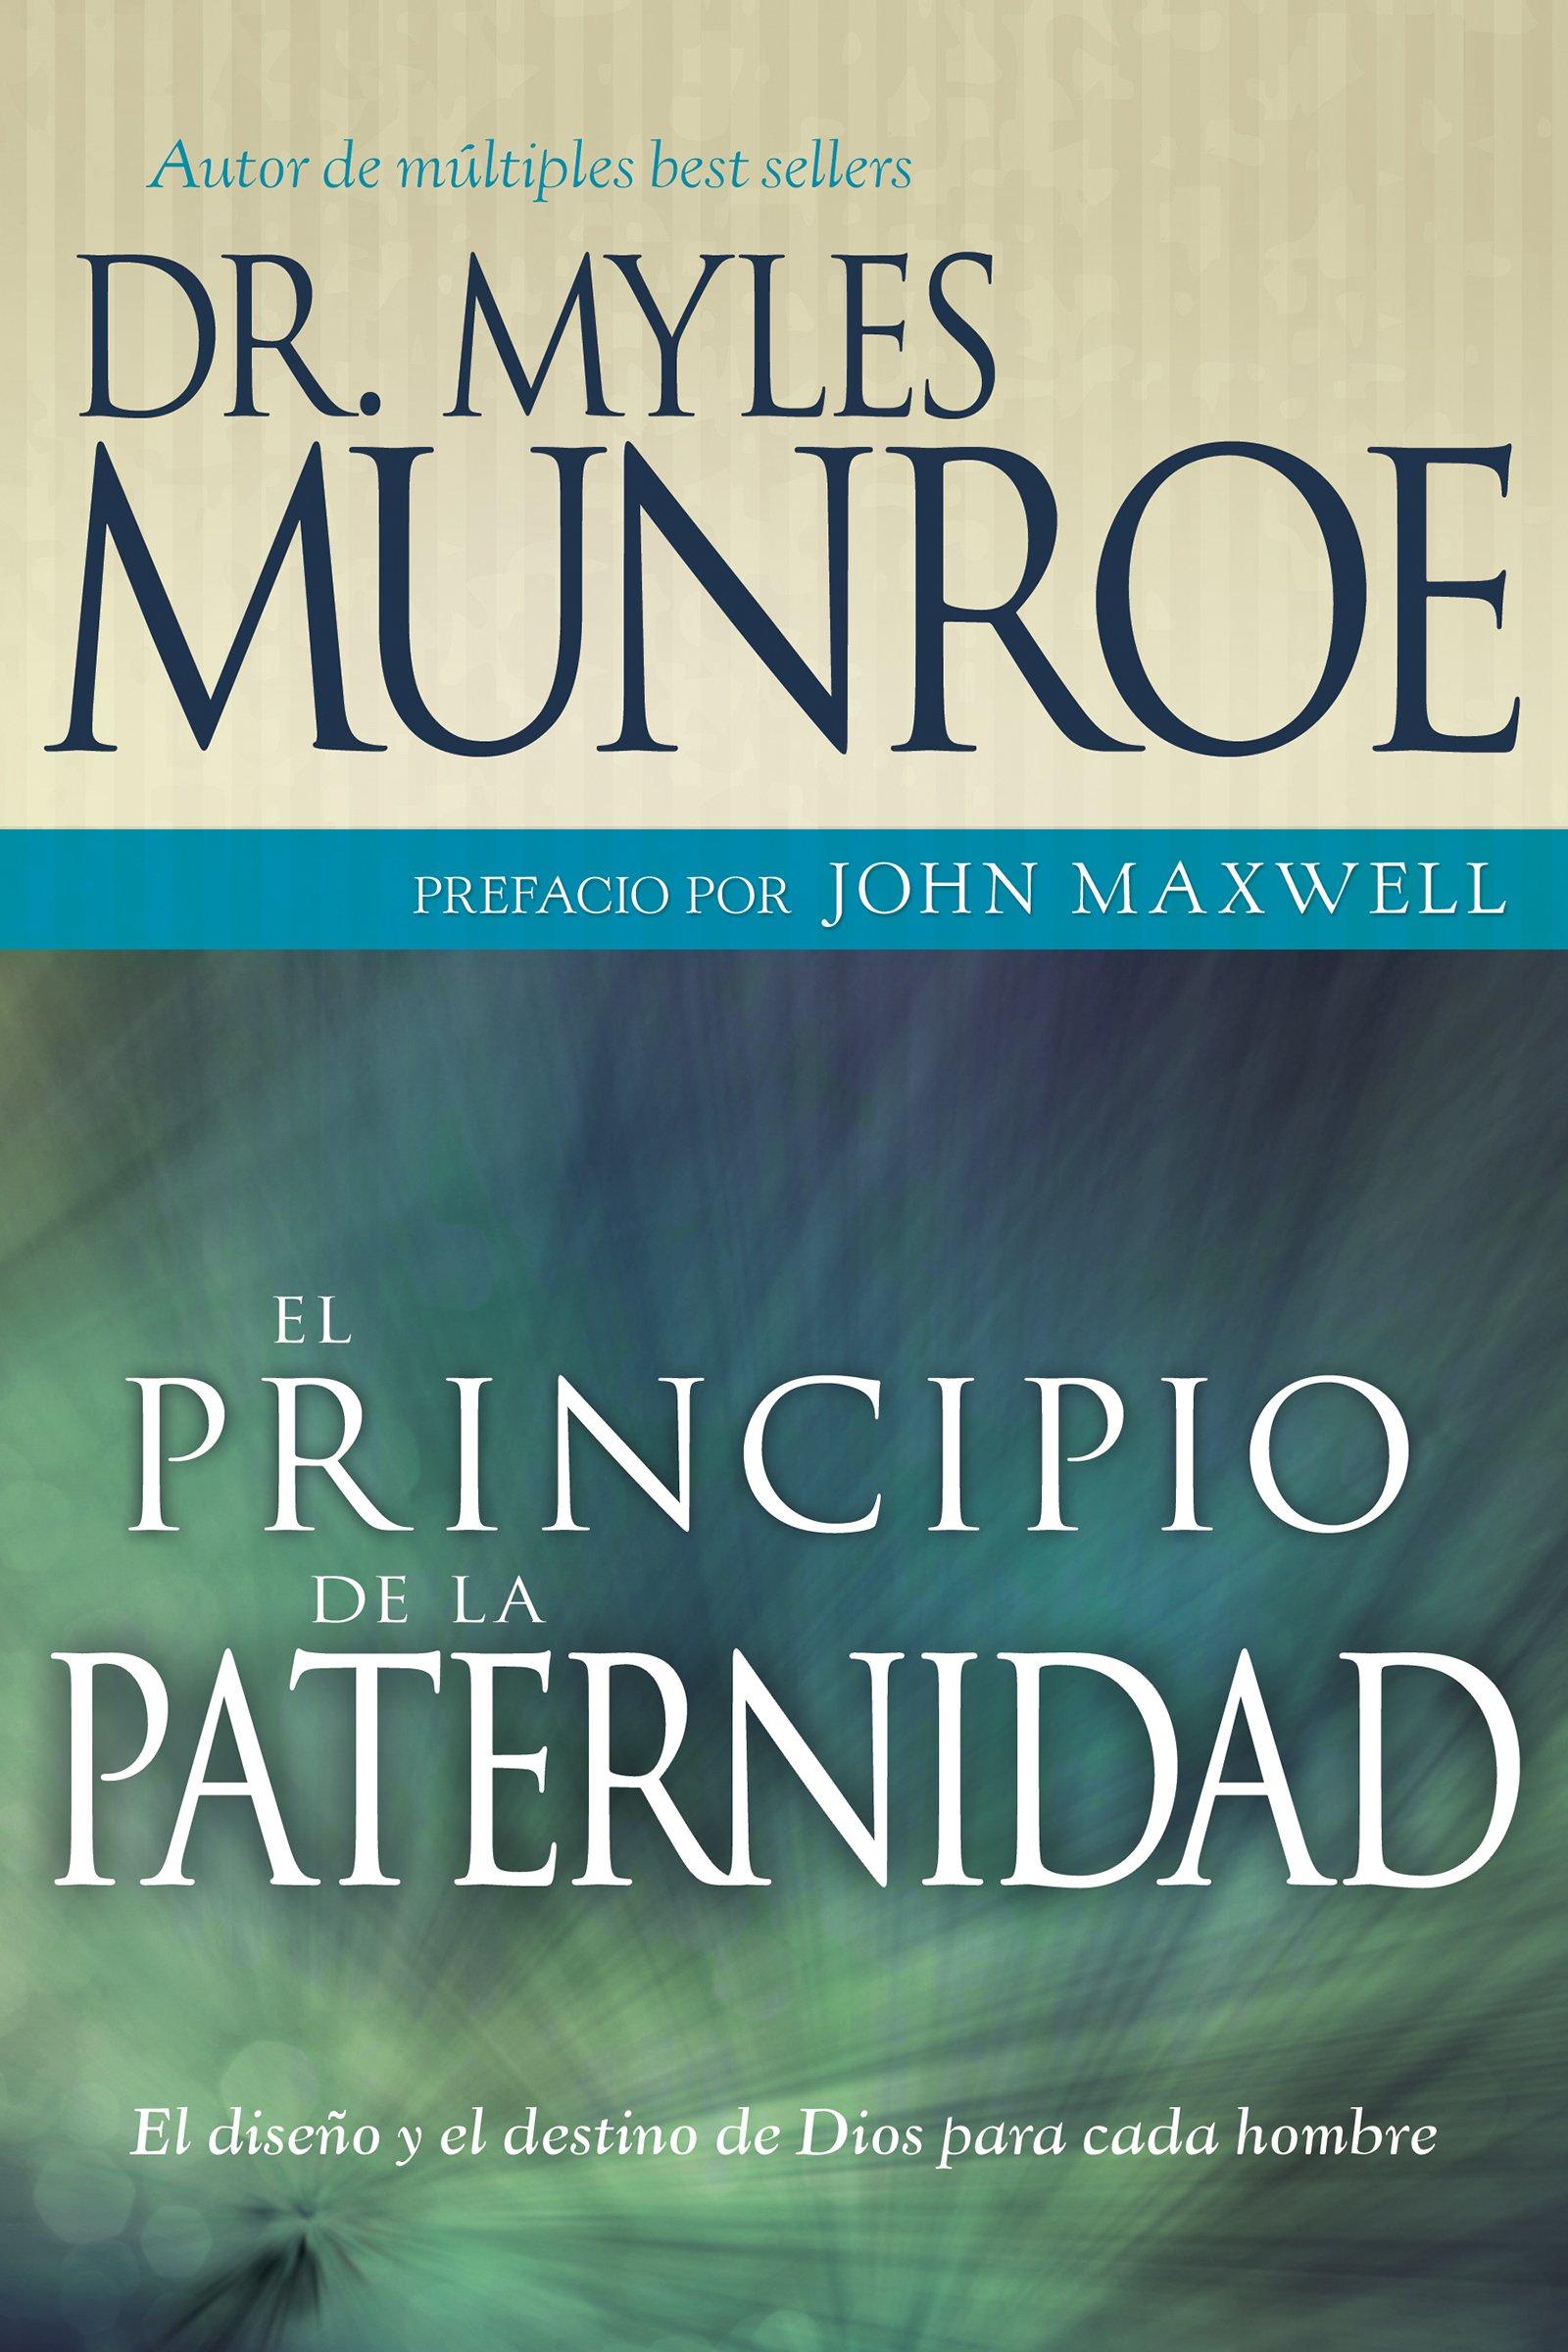 El principio de la paternidad: El diseño y el destino de Dios para cada hombre (Spanish Edition) PDF